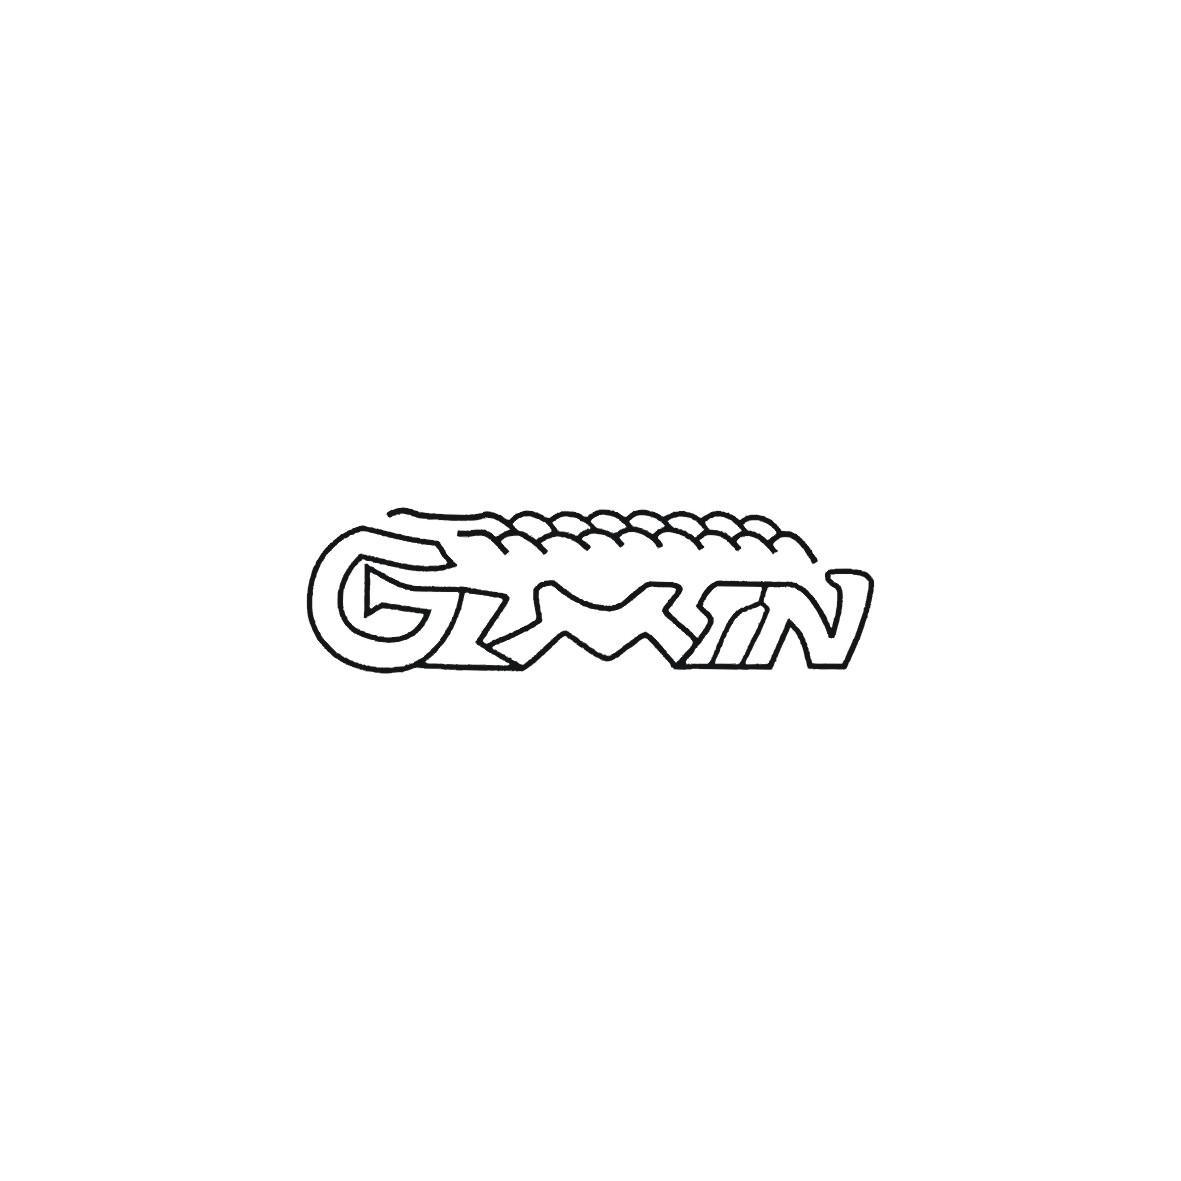 14类-珠宝钟表GLMTN商标转让